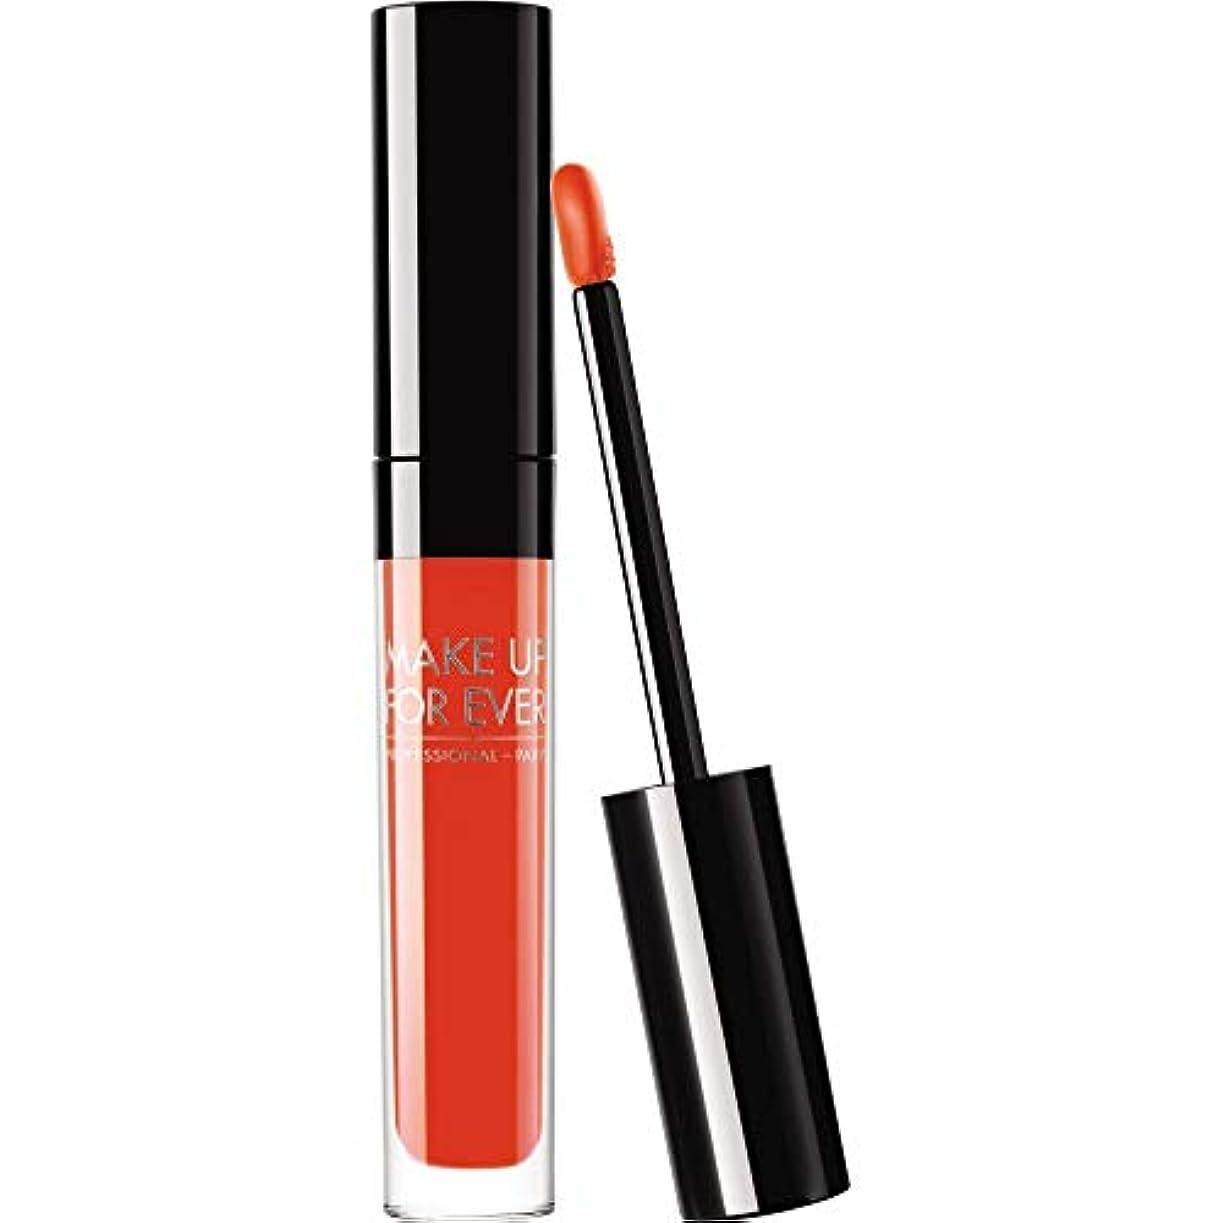 チーズアライメントリア王[MAKE UP FOR EVER] これまでアーティストの液体マットリップカラー2.5ミリリットルの303を補う - オレンジ - MAKE UP FOR EVER Artist Liquid Matte Lip Colour...